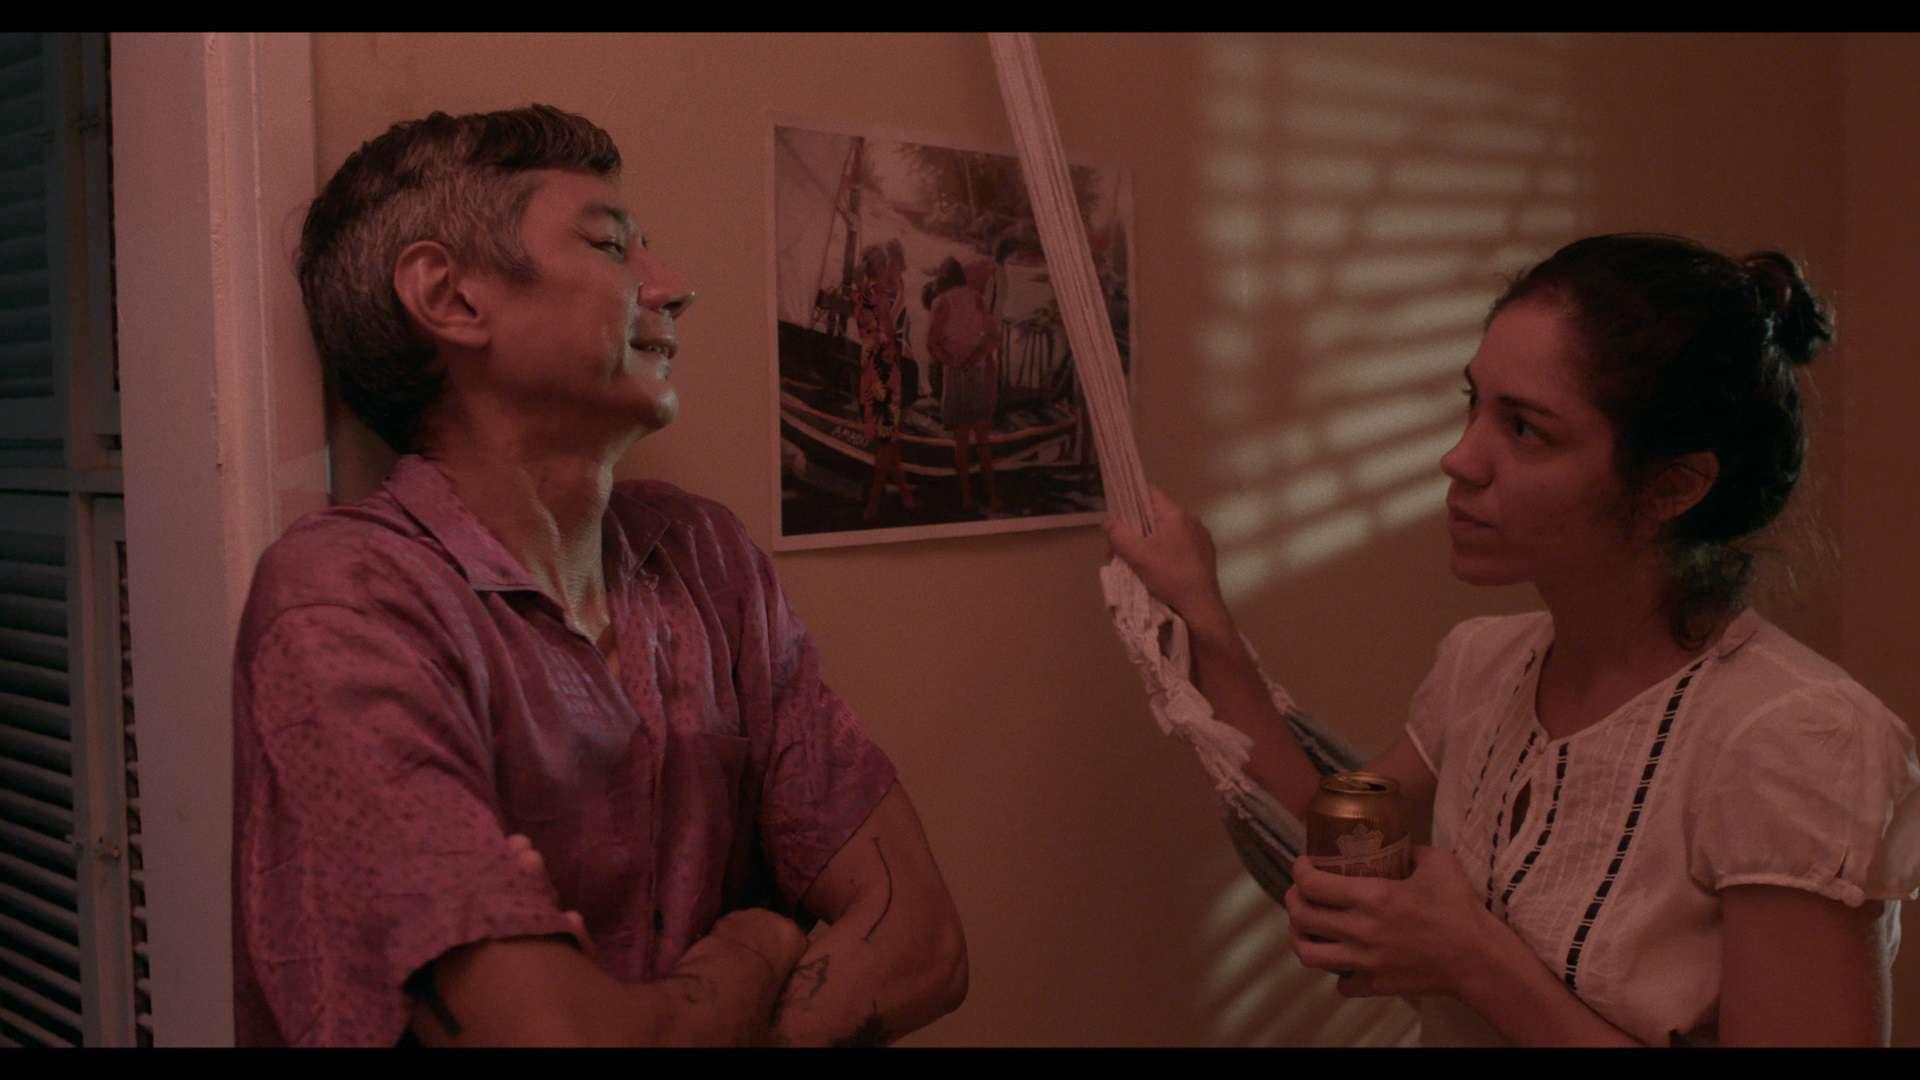 Dirigido por Pedro Diógenes, Pajeú mistura documentário e ficção a partir do desaparecimento do riacho-título  (Foto: divulgação)